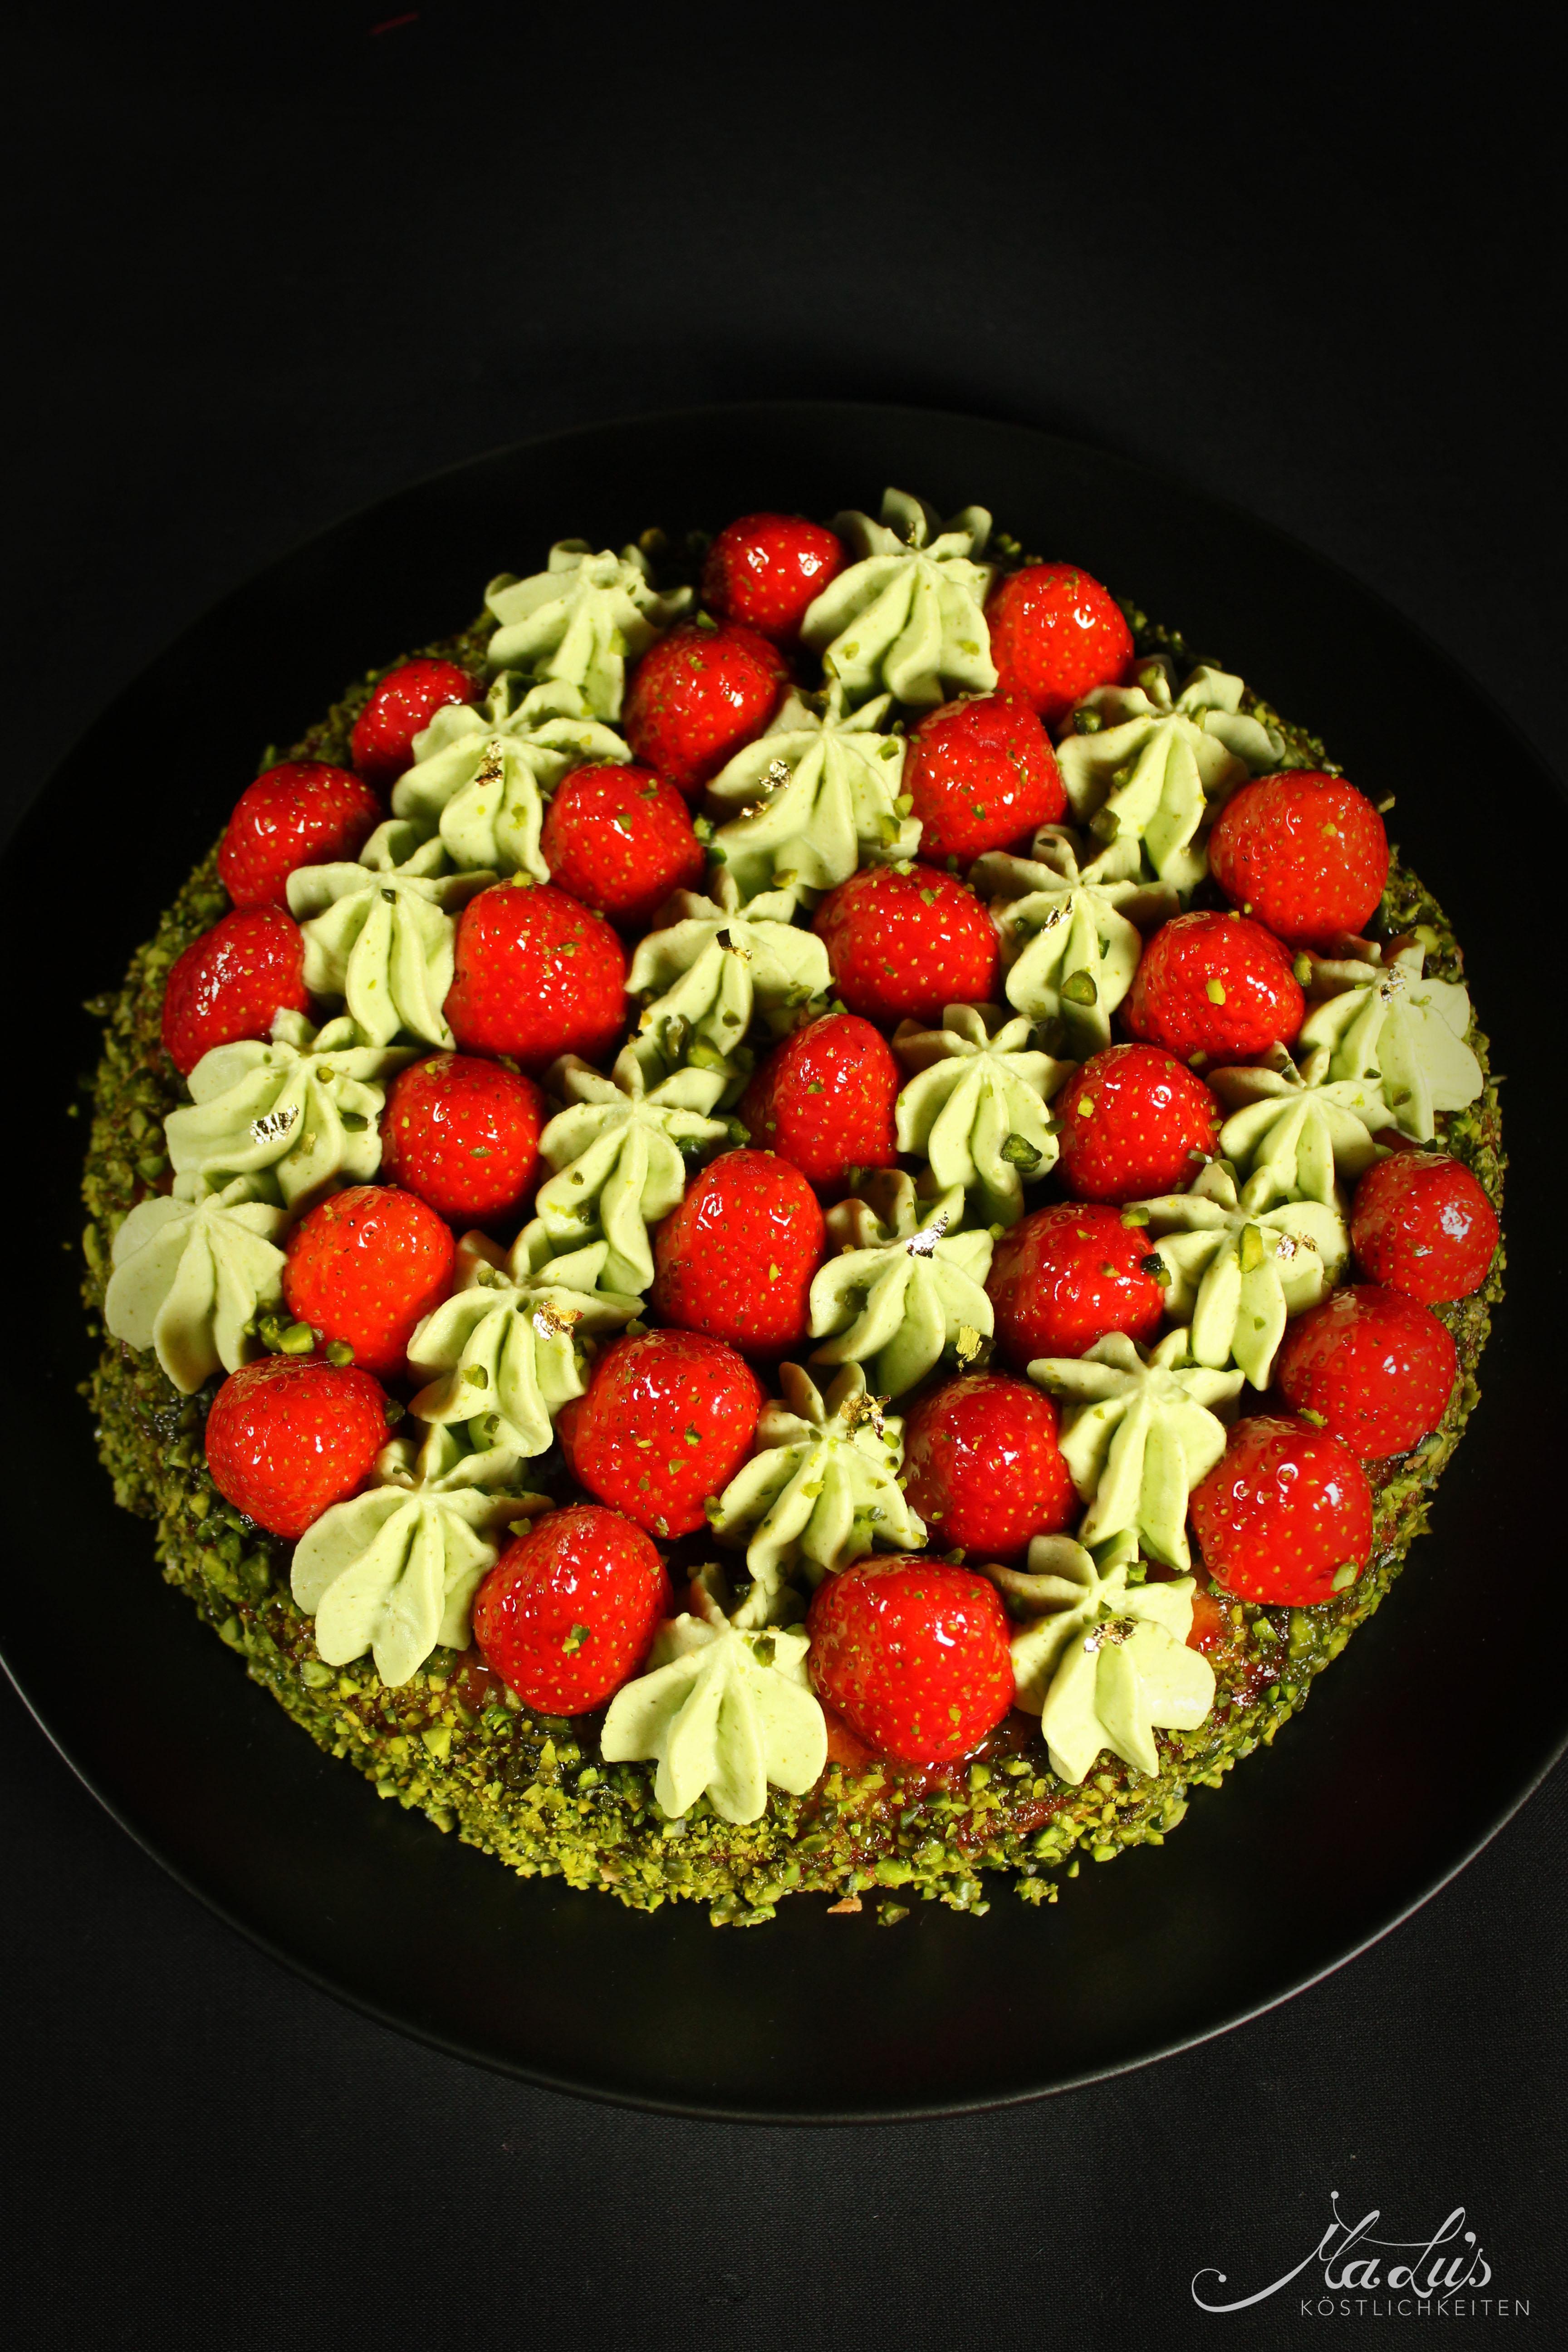 Erdbeer-Pistazien Tarte Fantastik